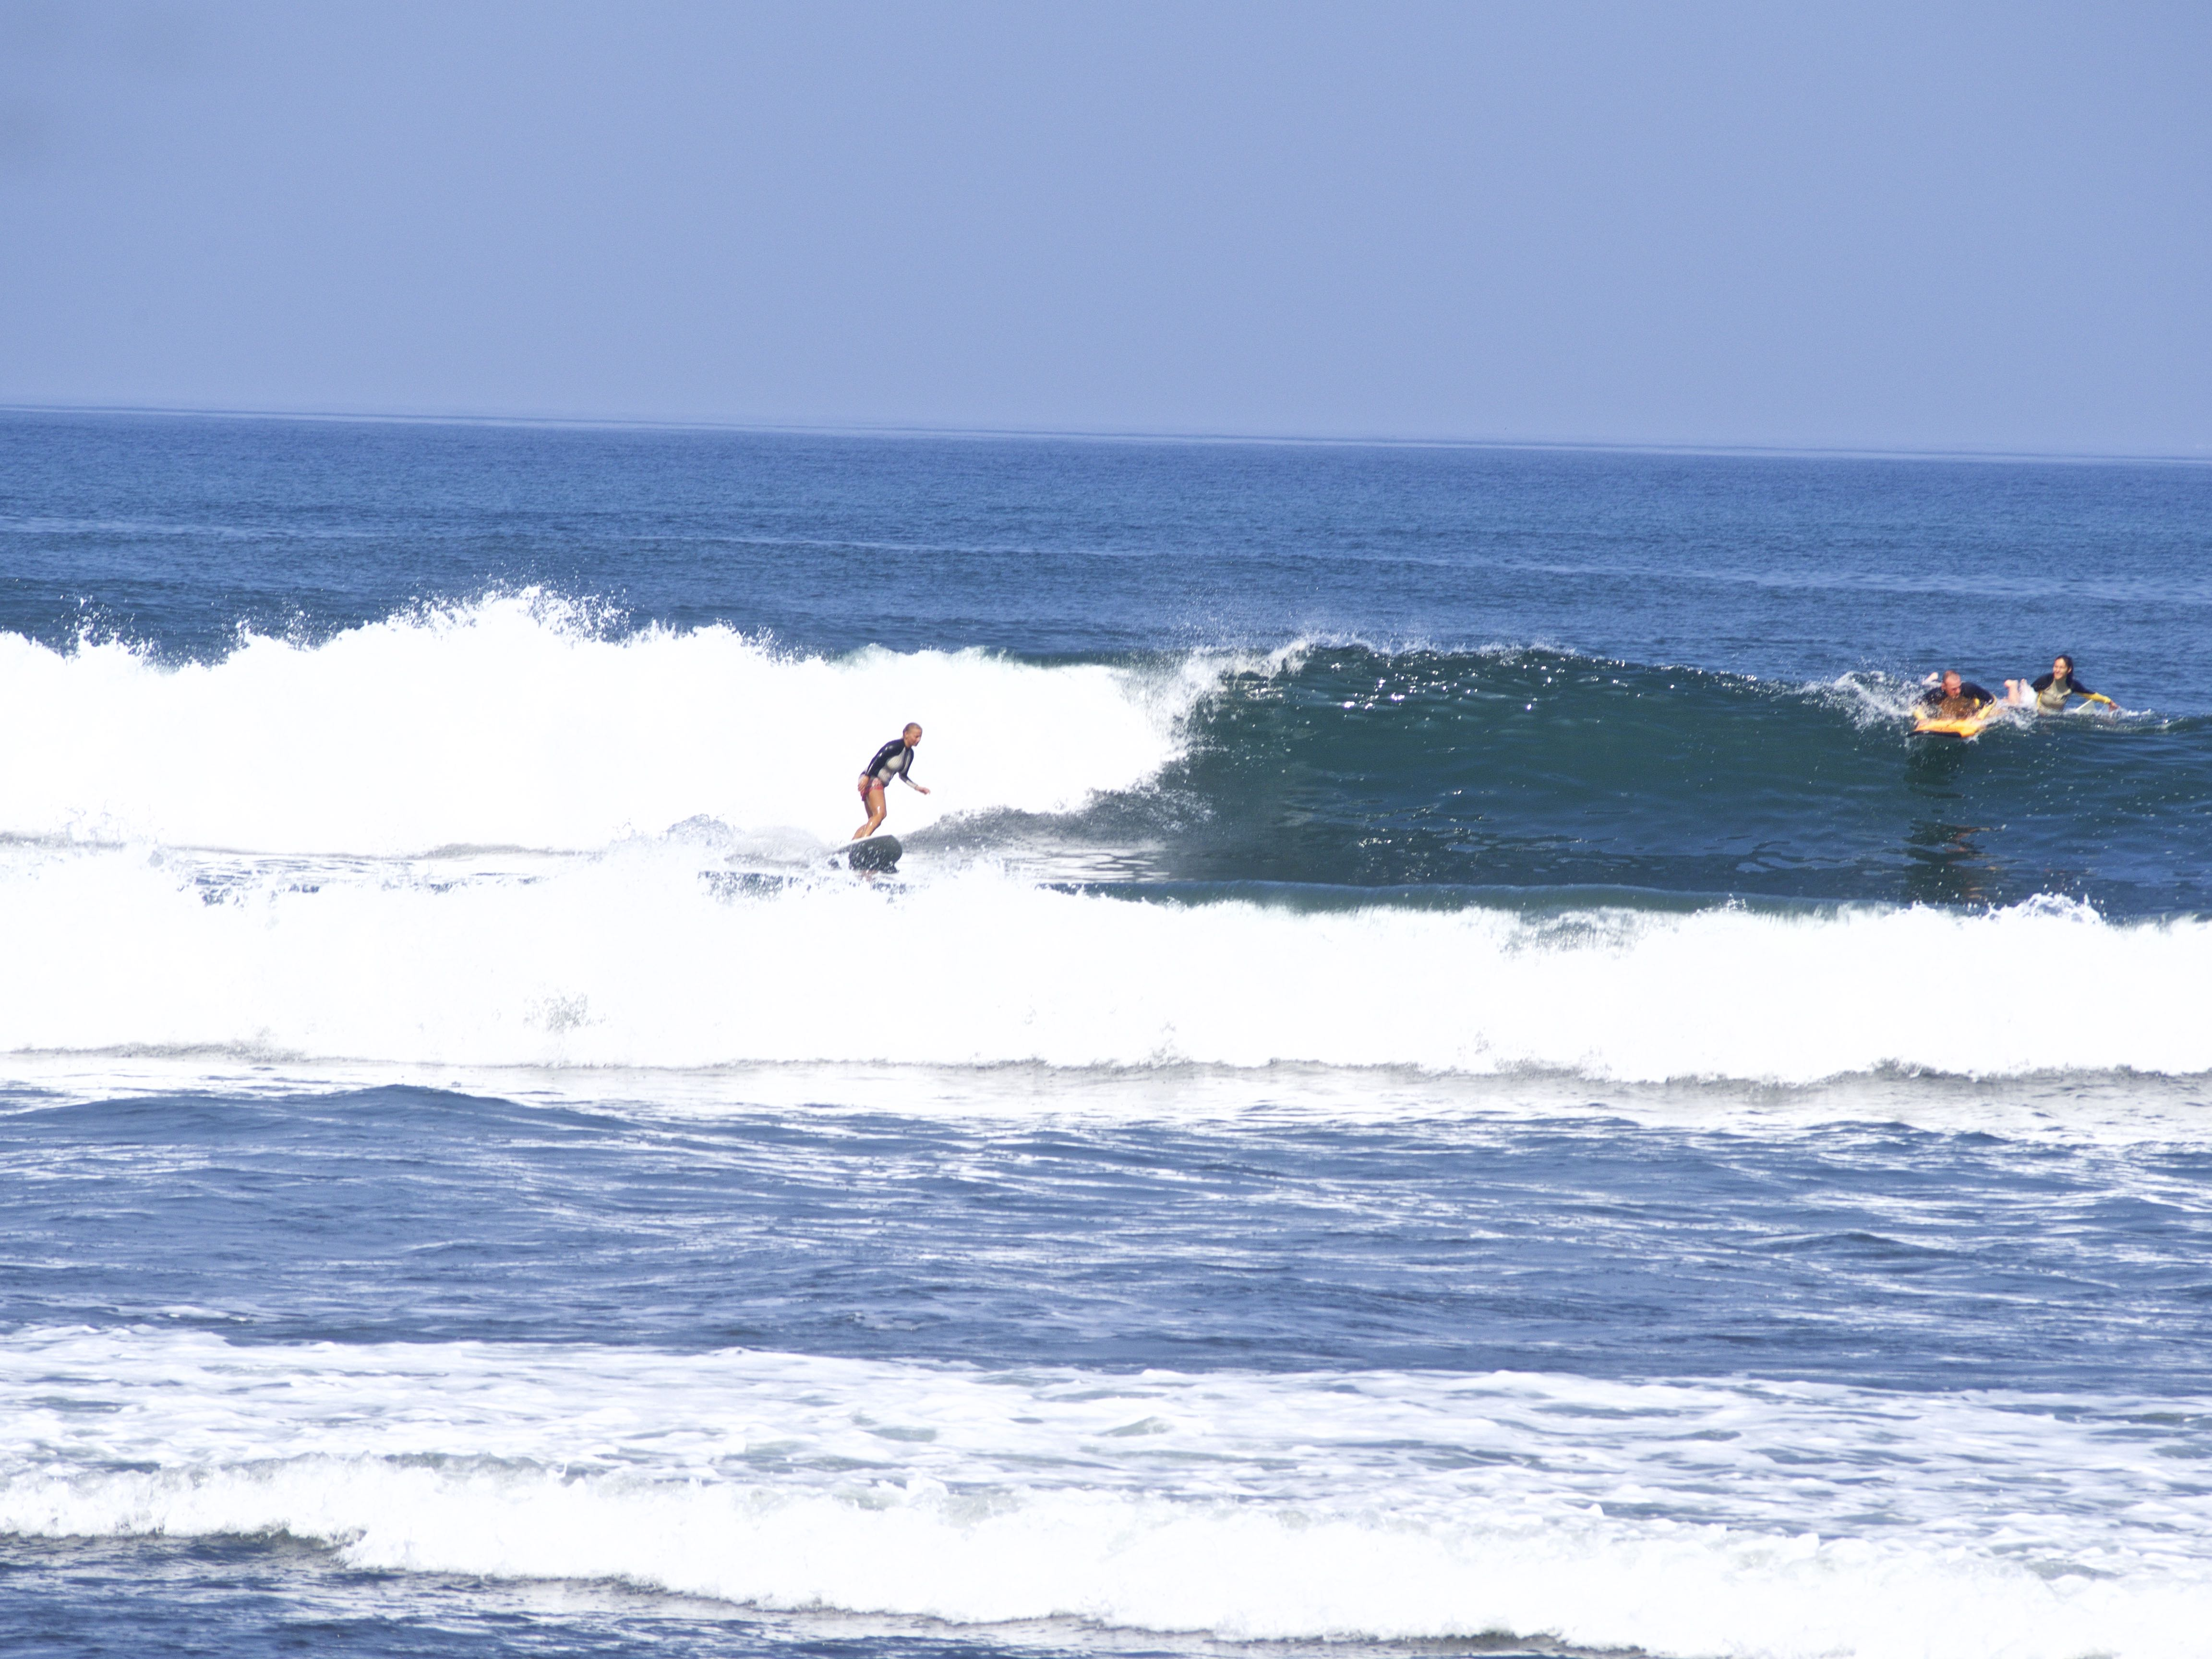 P6060162 - Good bye Bali